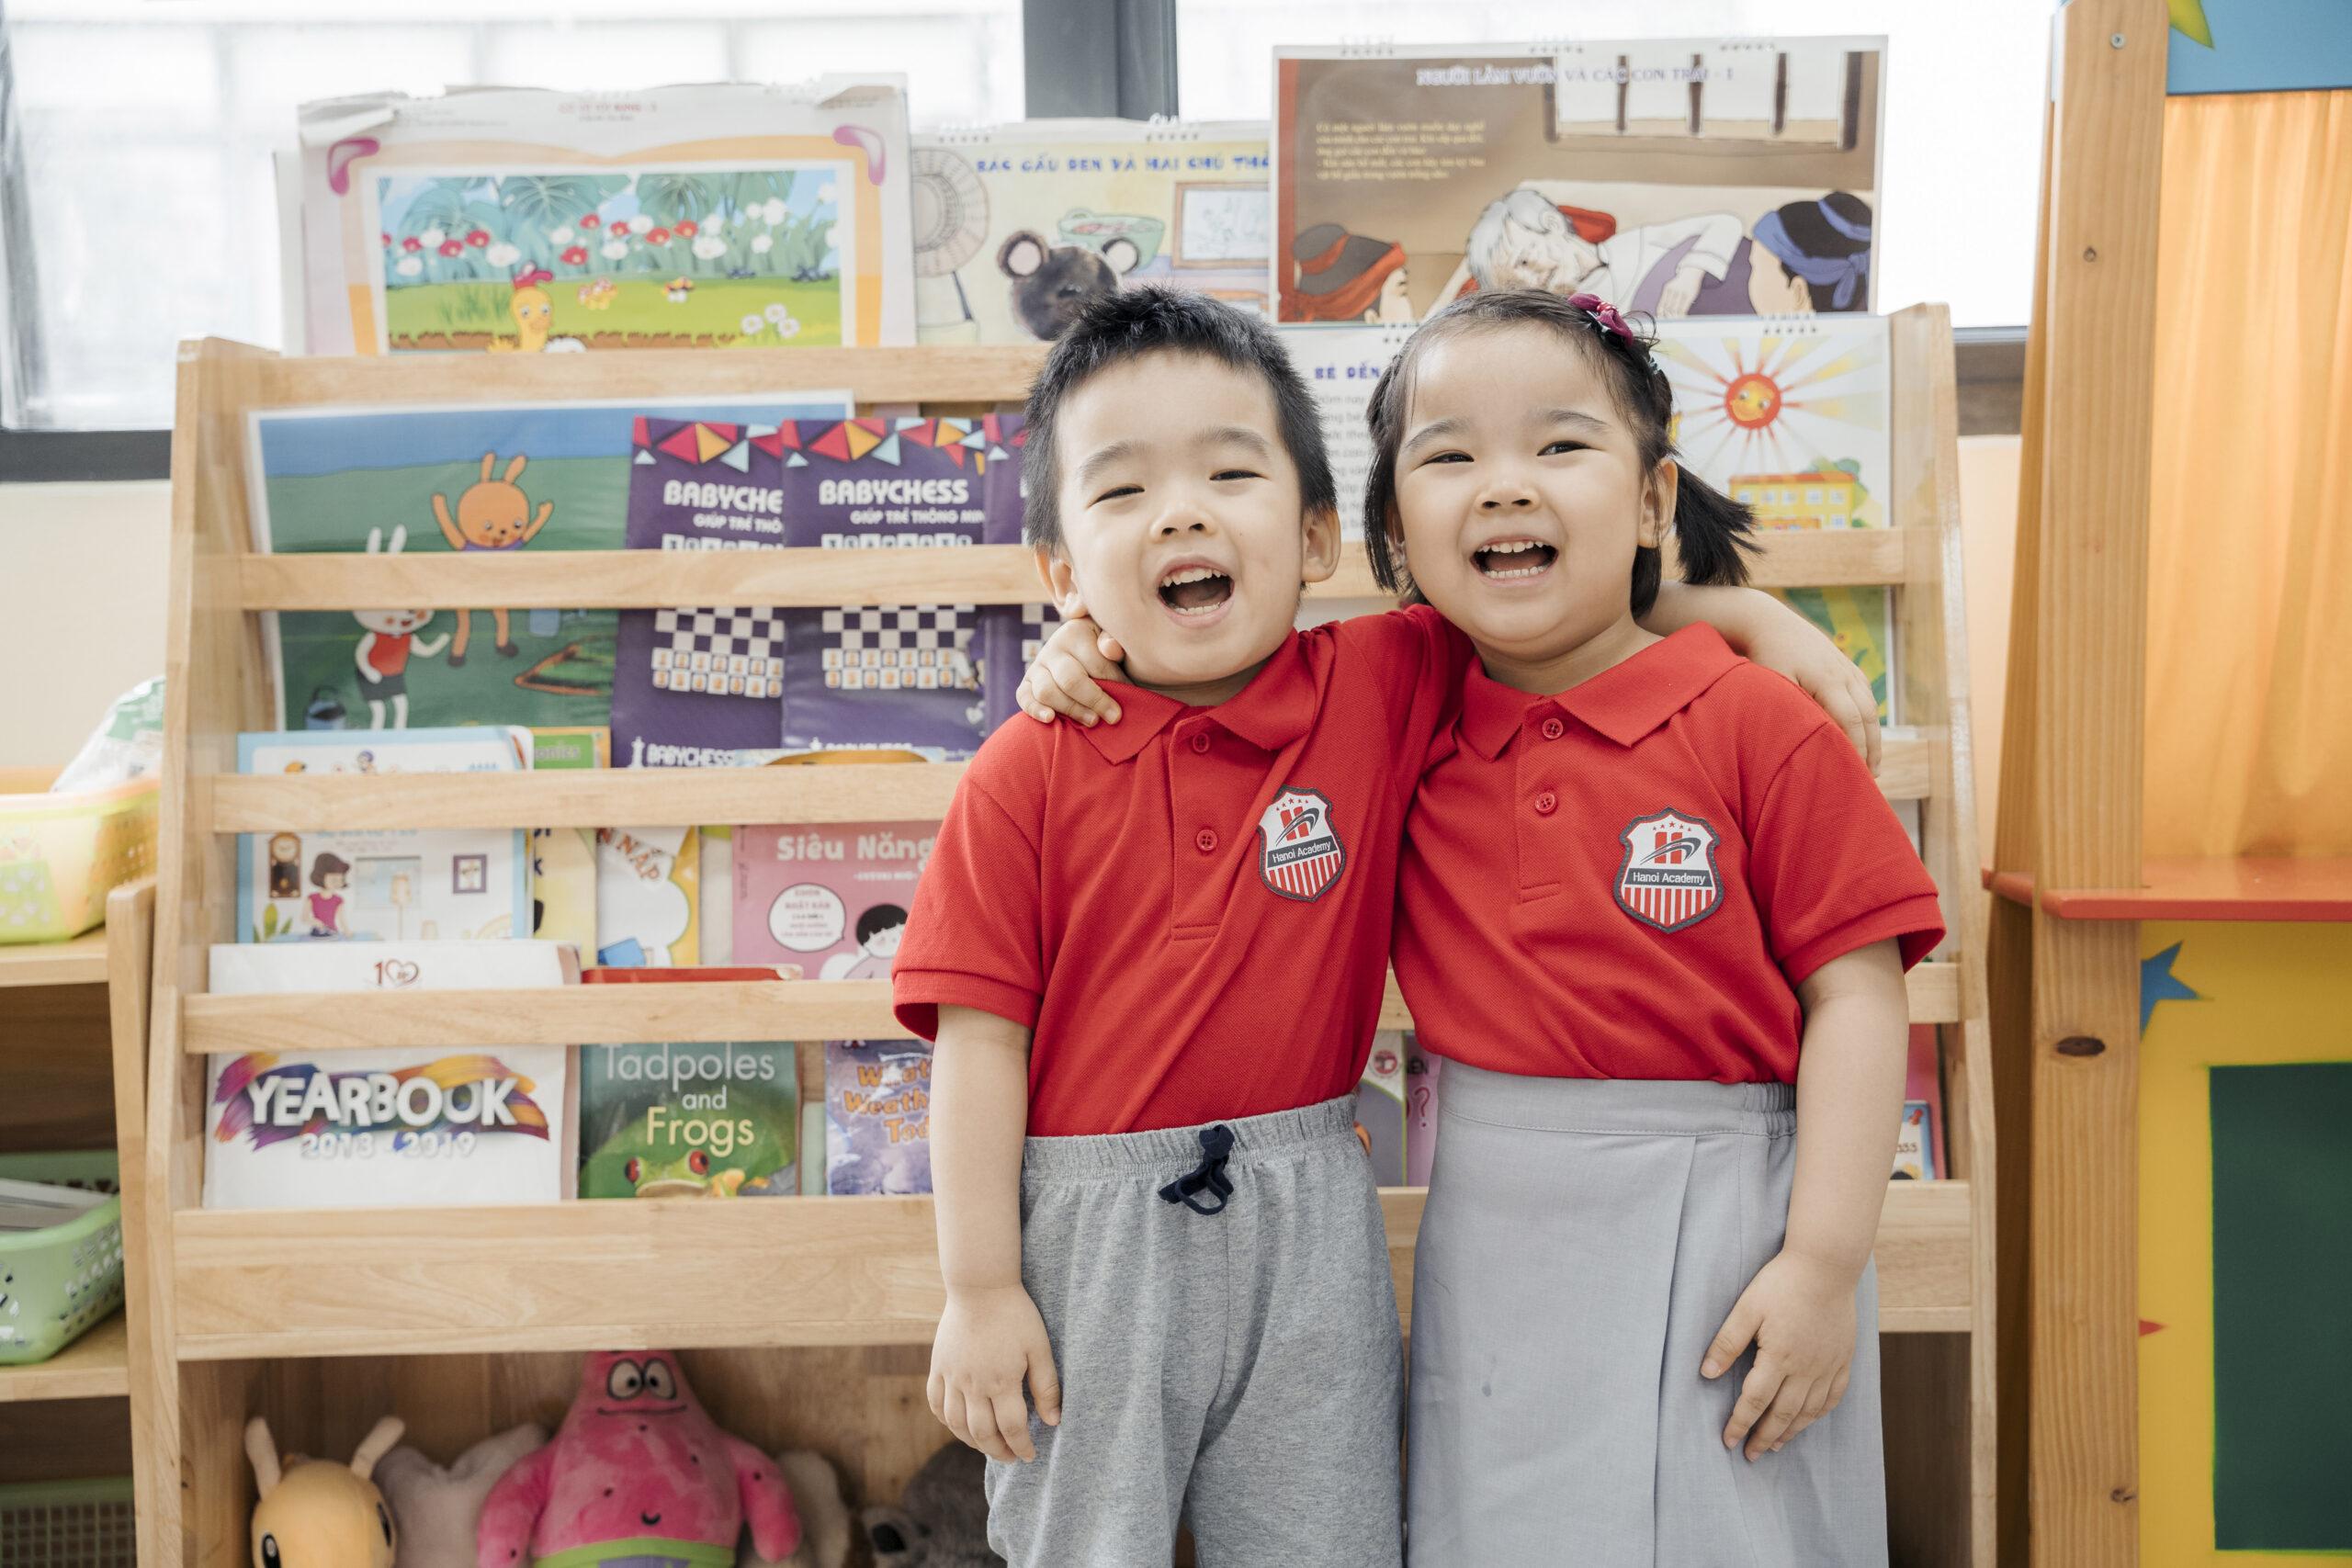 Lợi ích của phương pháp giáo dục Reggio Emilia tại bậc mầm non cho trẻ Trang chủ